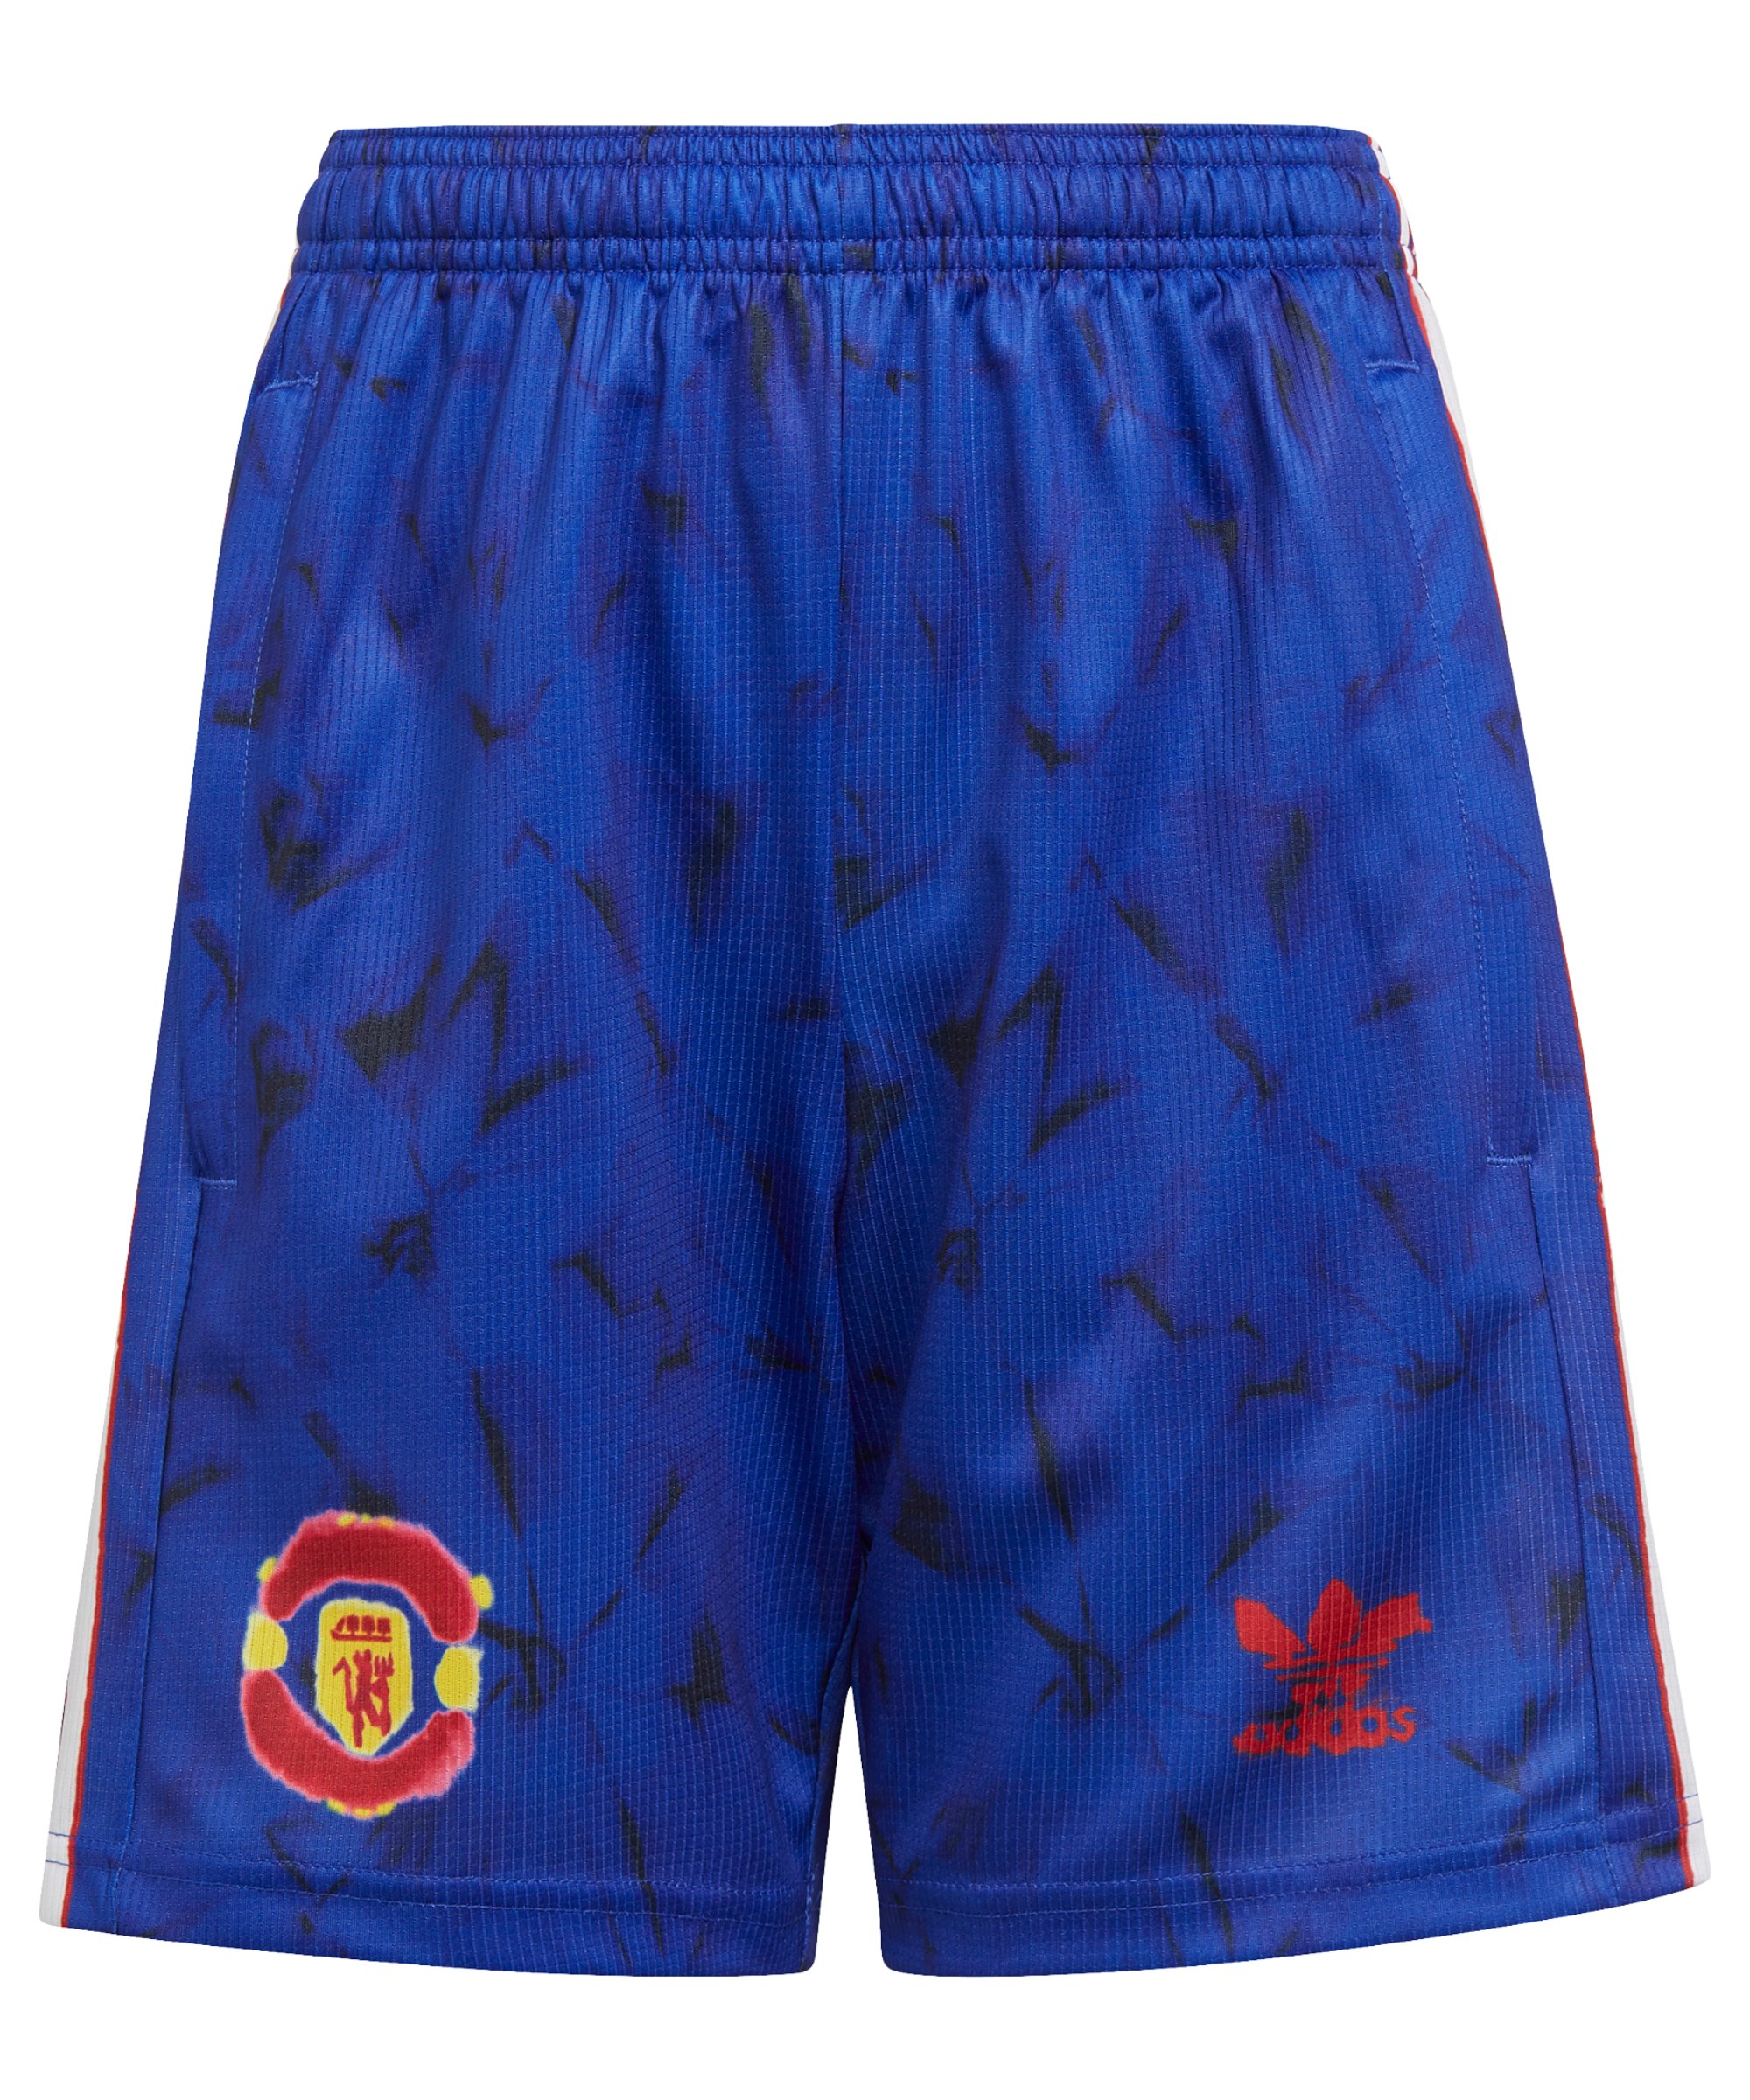 adidas Manchester United HR Short Kids Blau - blau